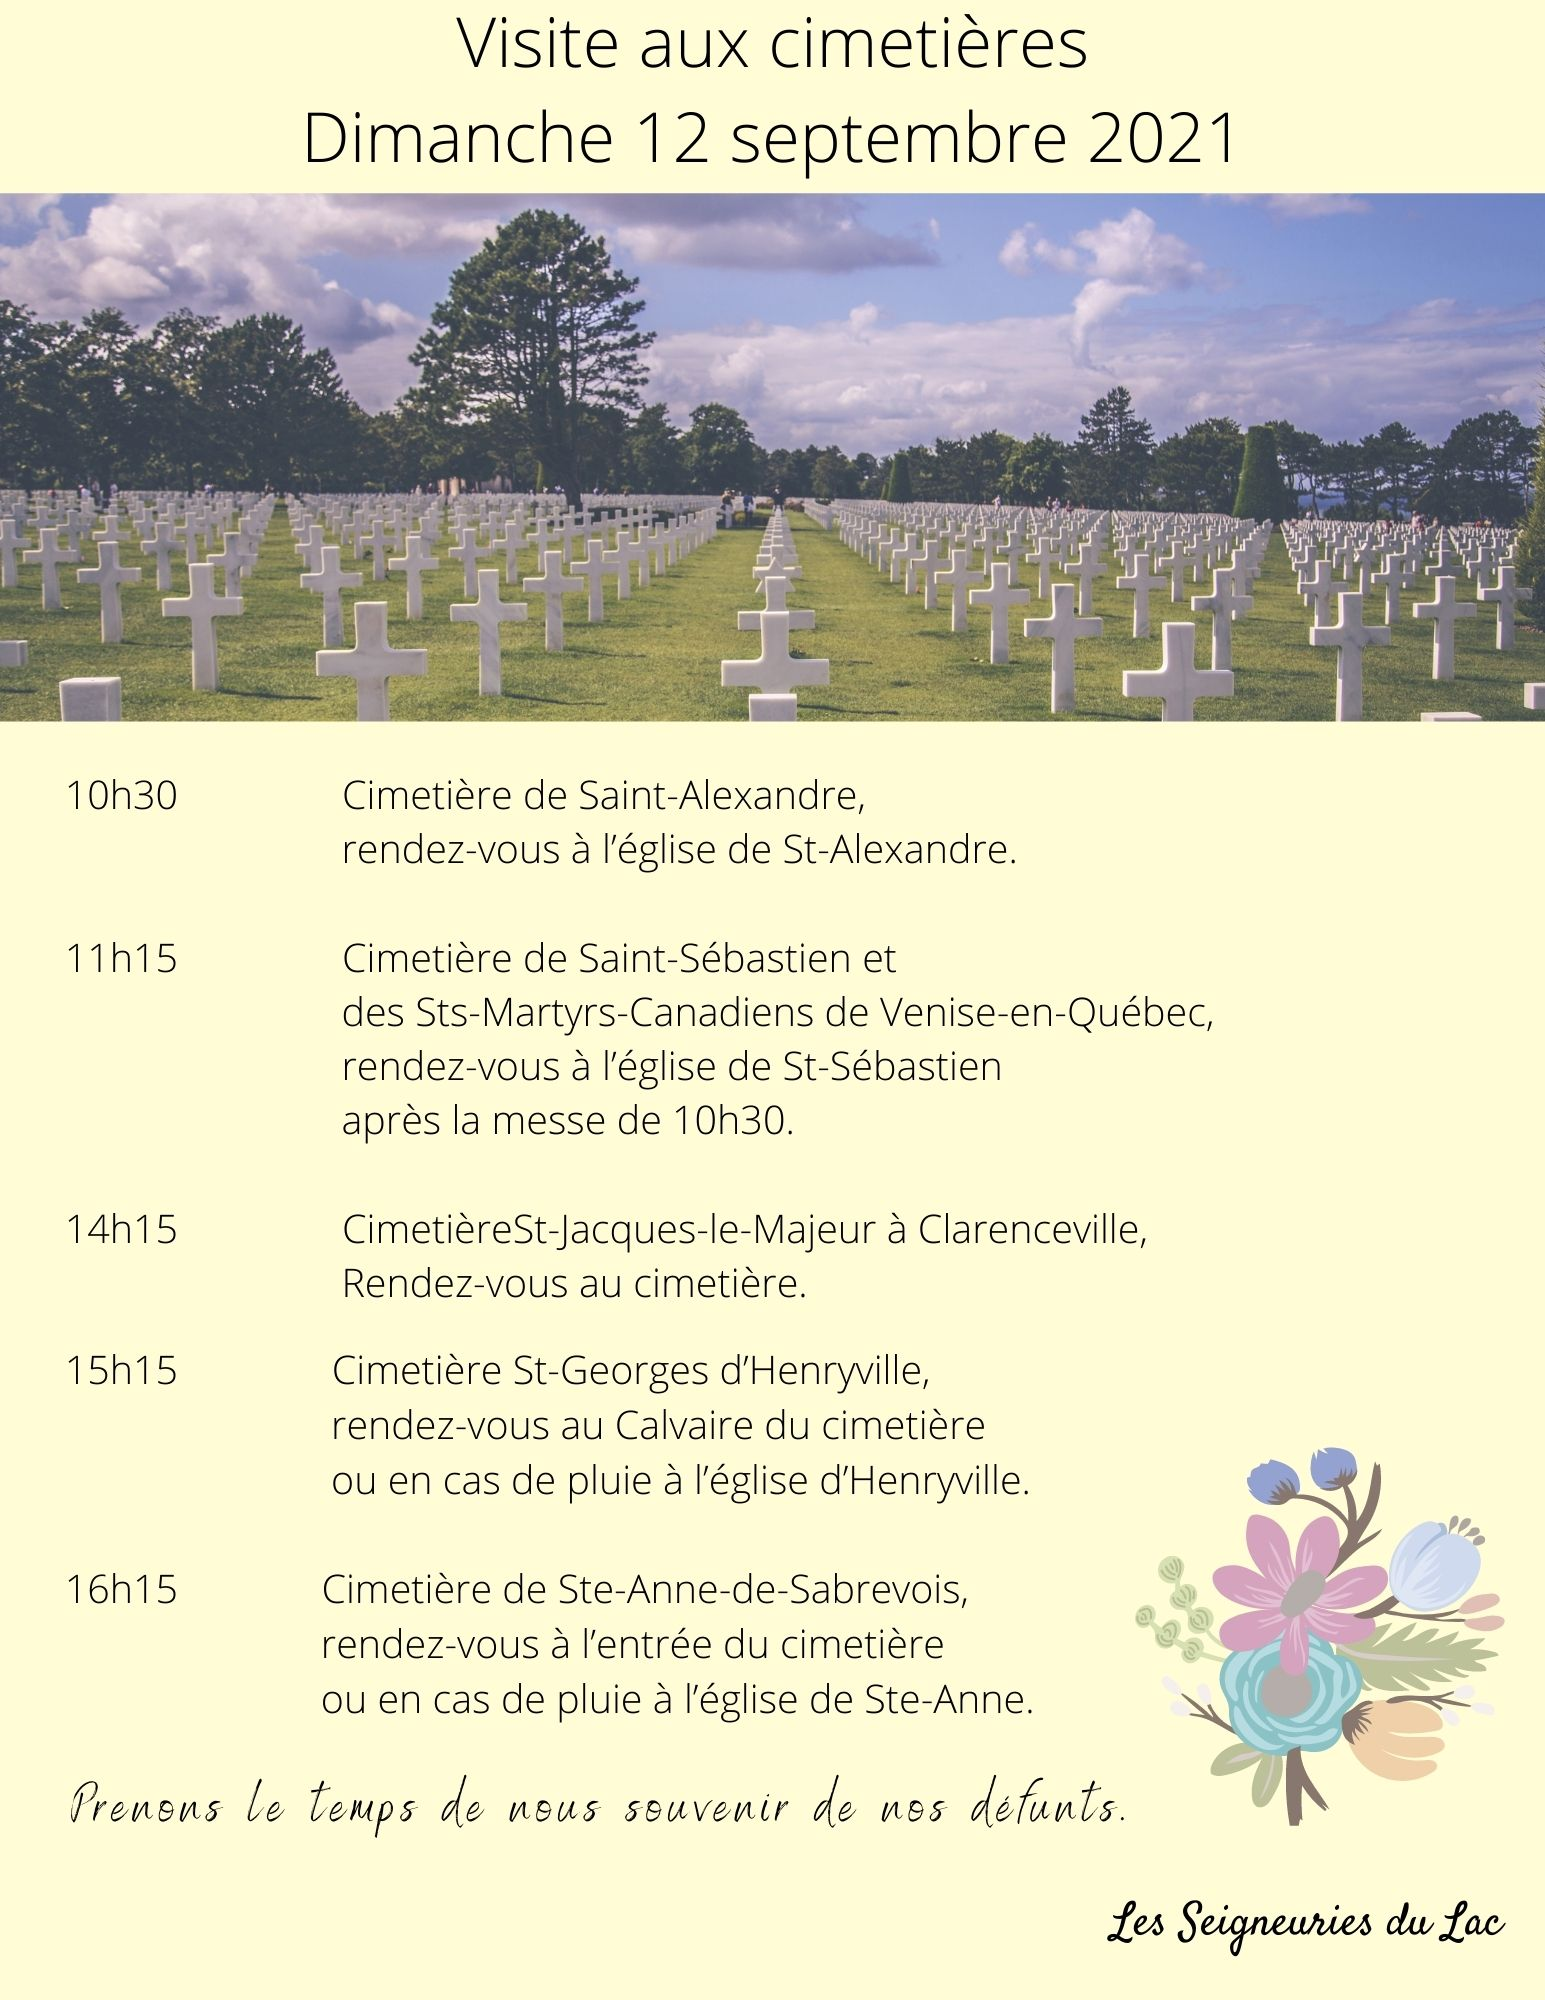 Visite aux cimetières